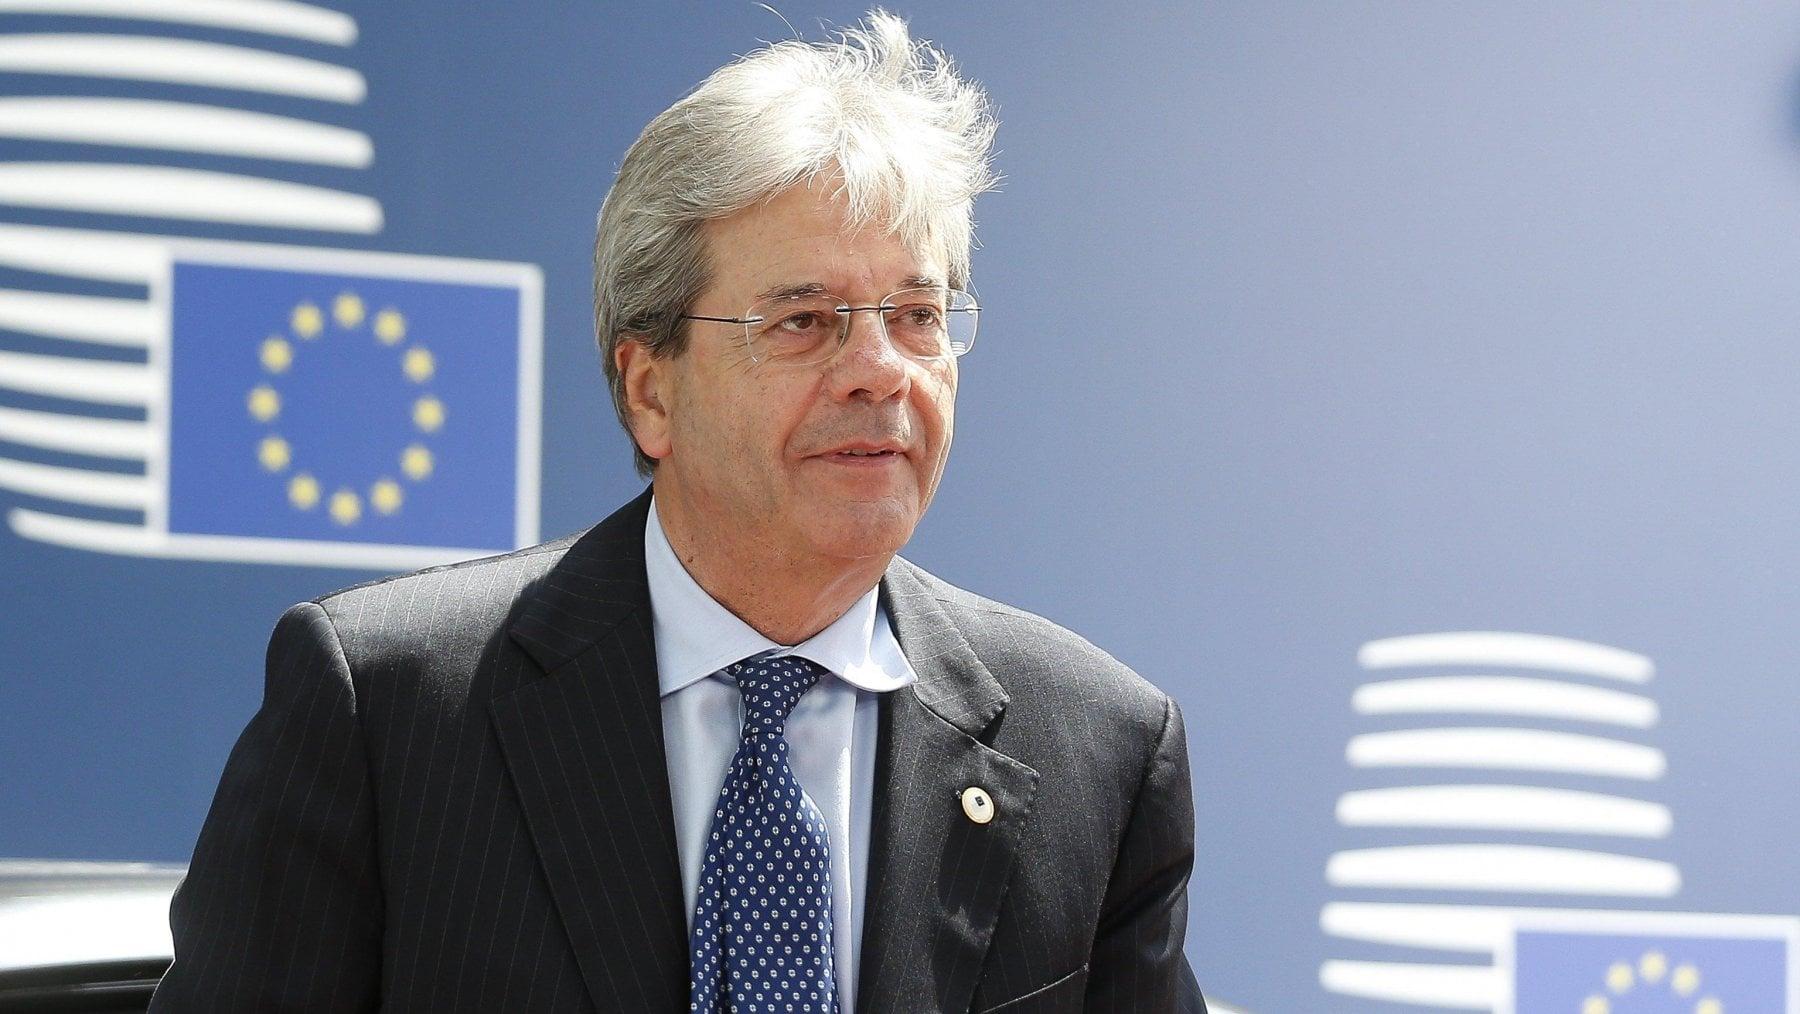 Paolo Gentiloni - Ex presidente del Consiglio dei ministri della Repubblica Italiana